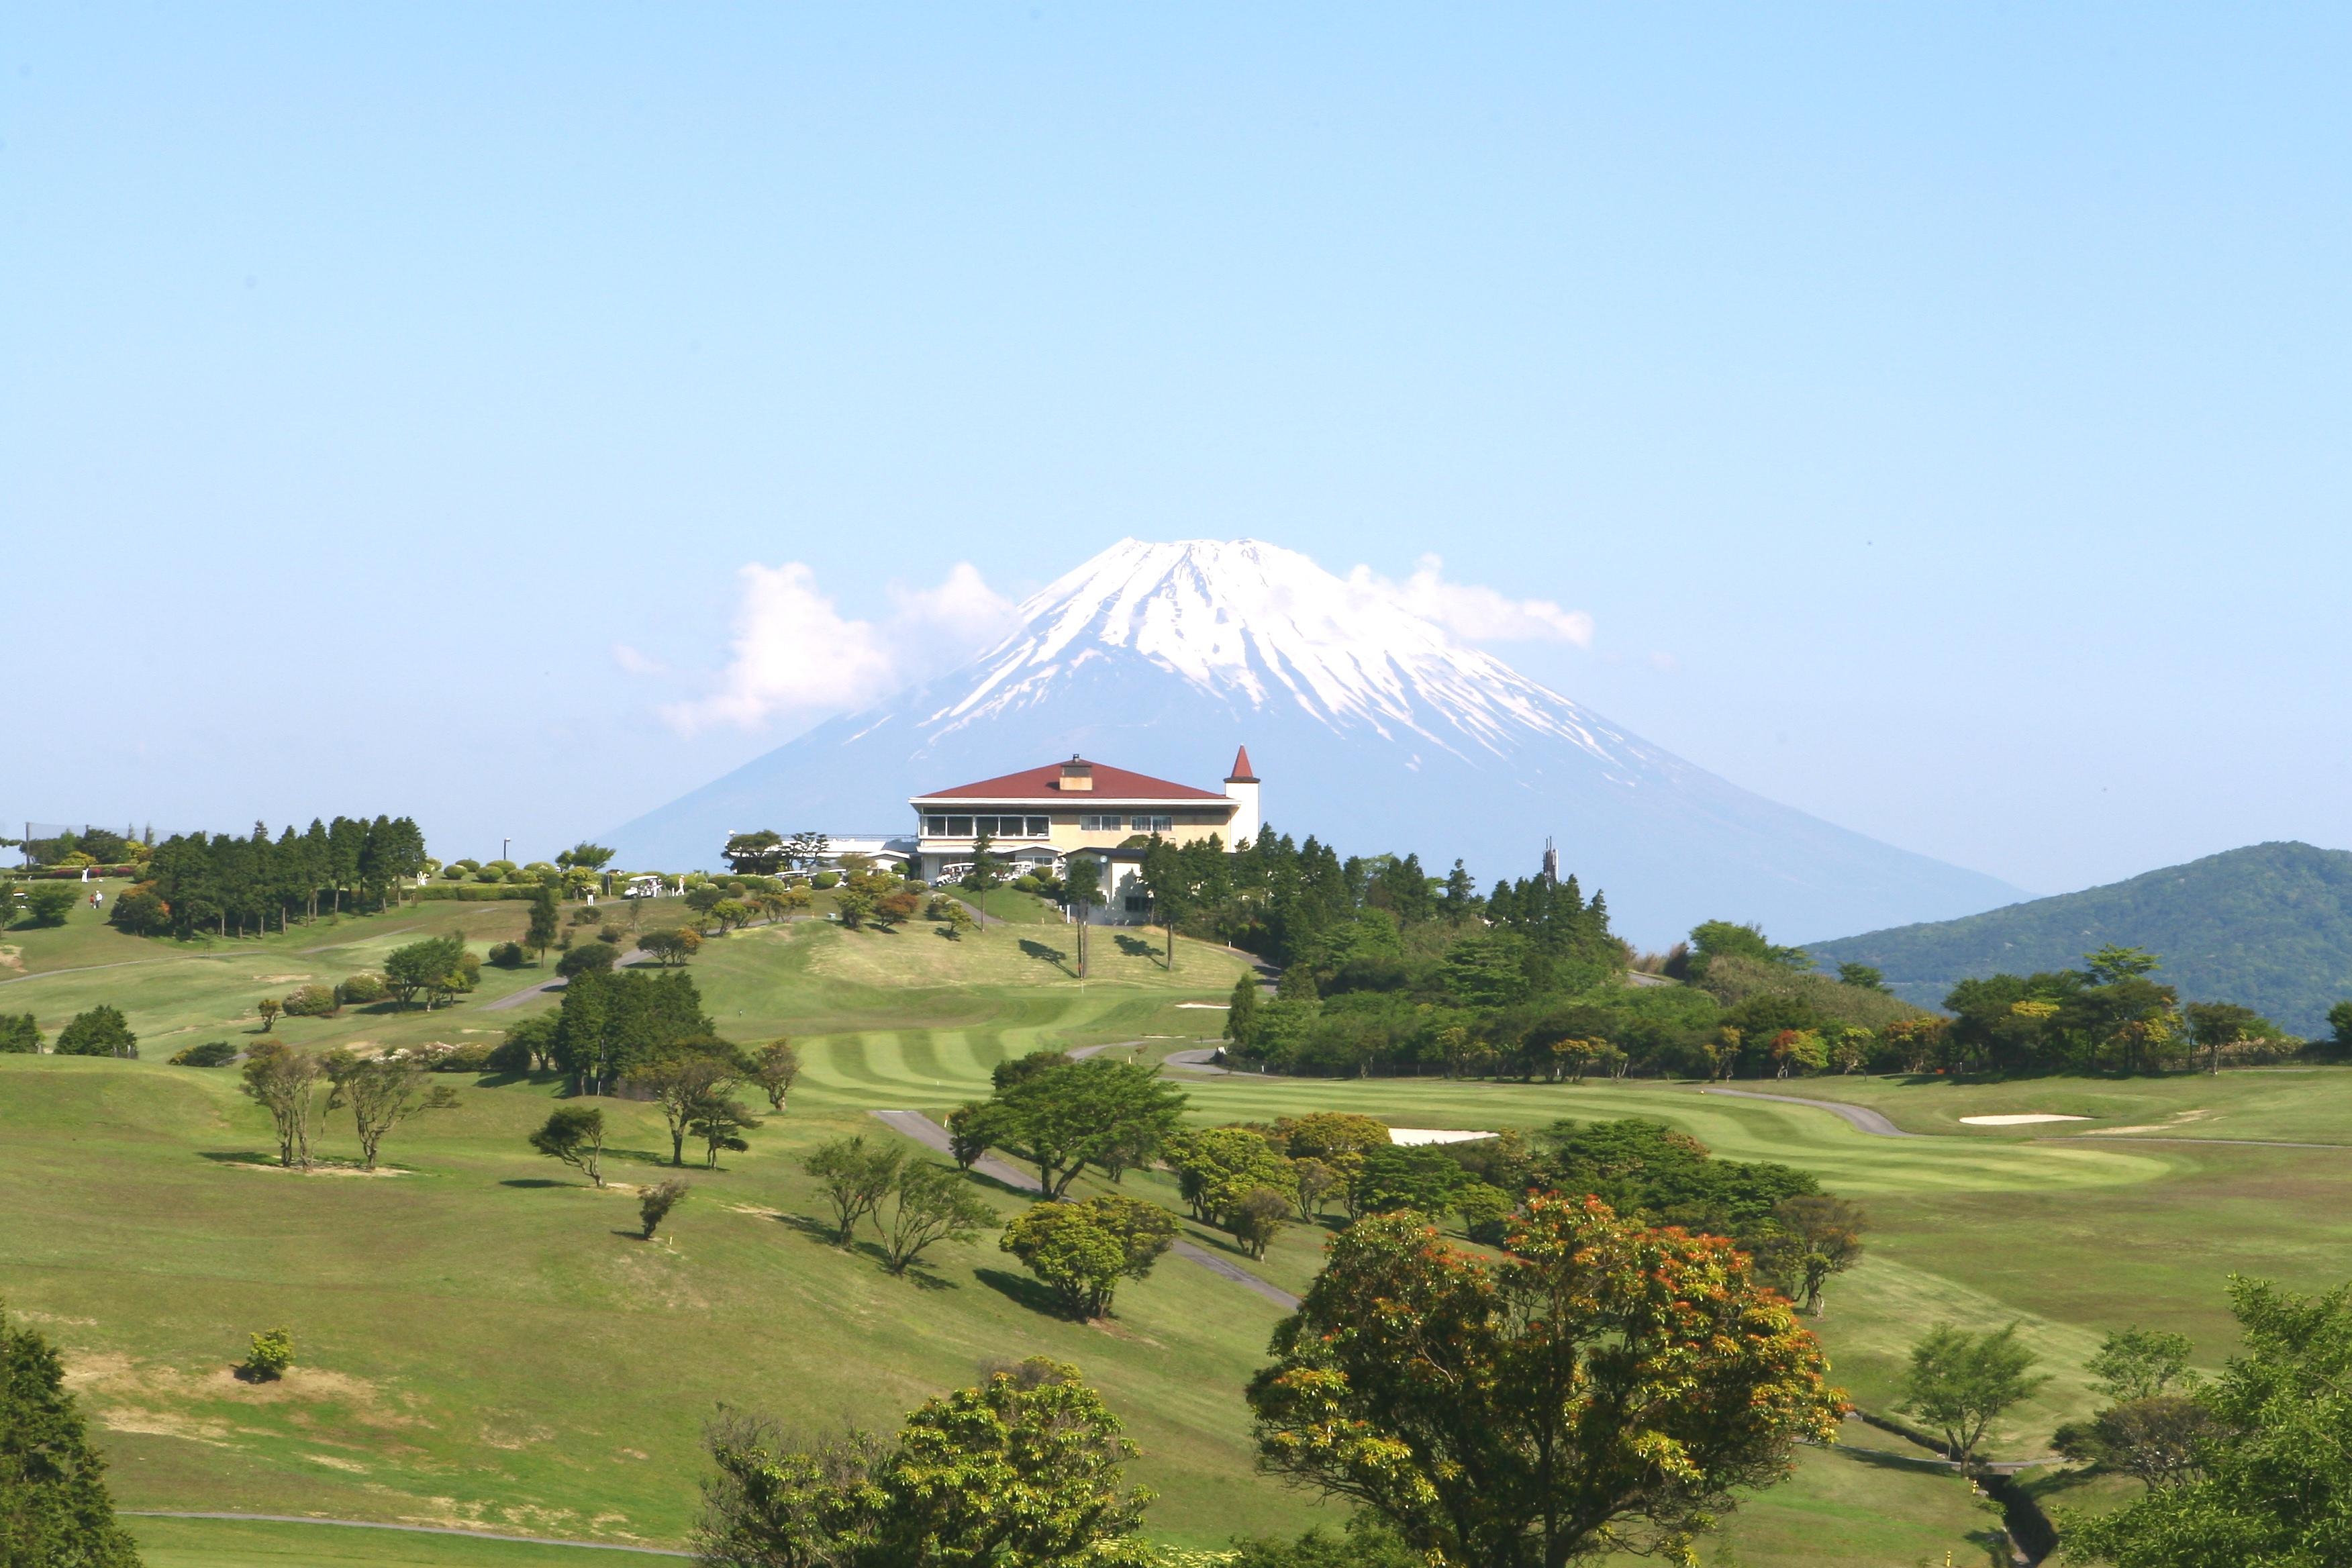 【神奈川県】箱根くらかけゴルフ場